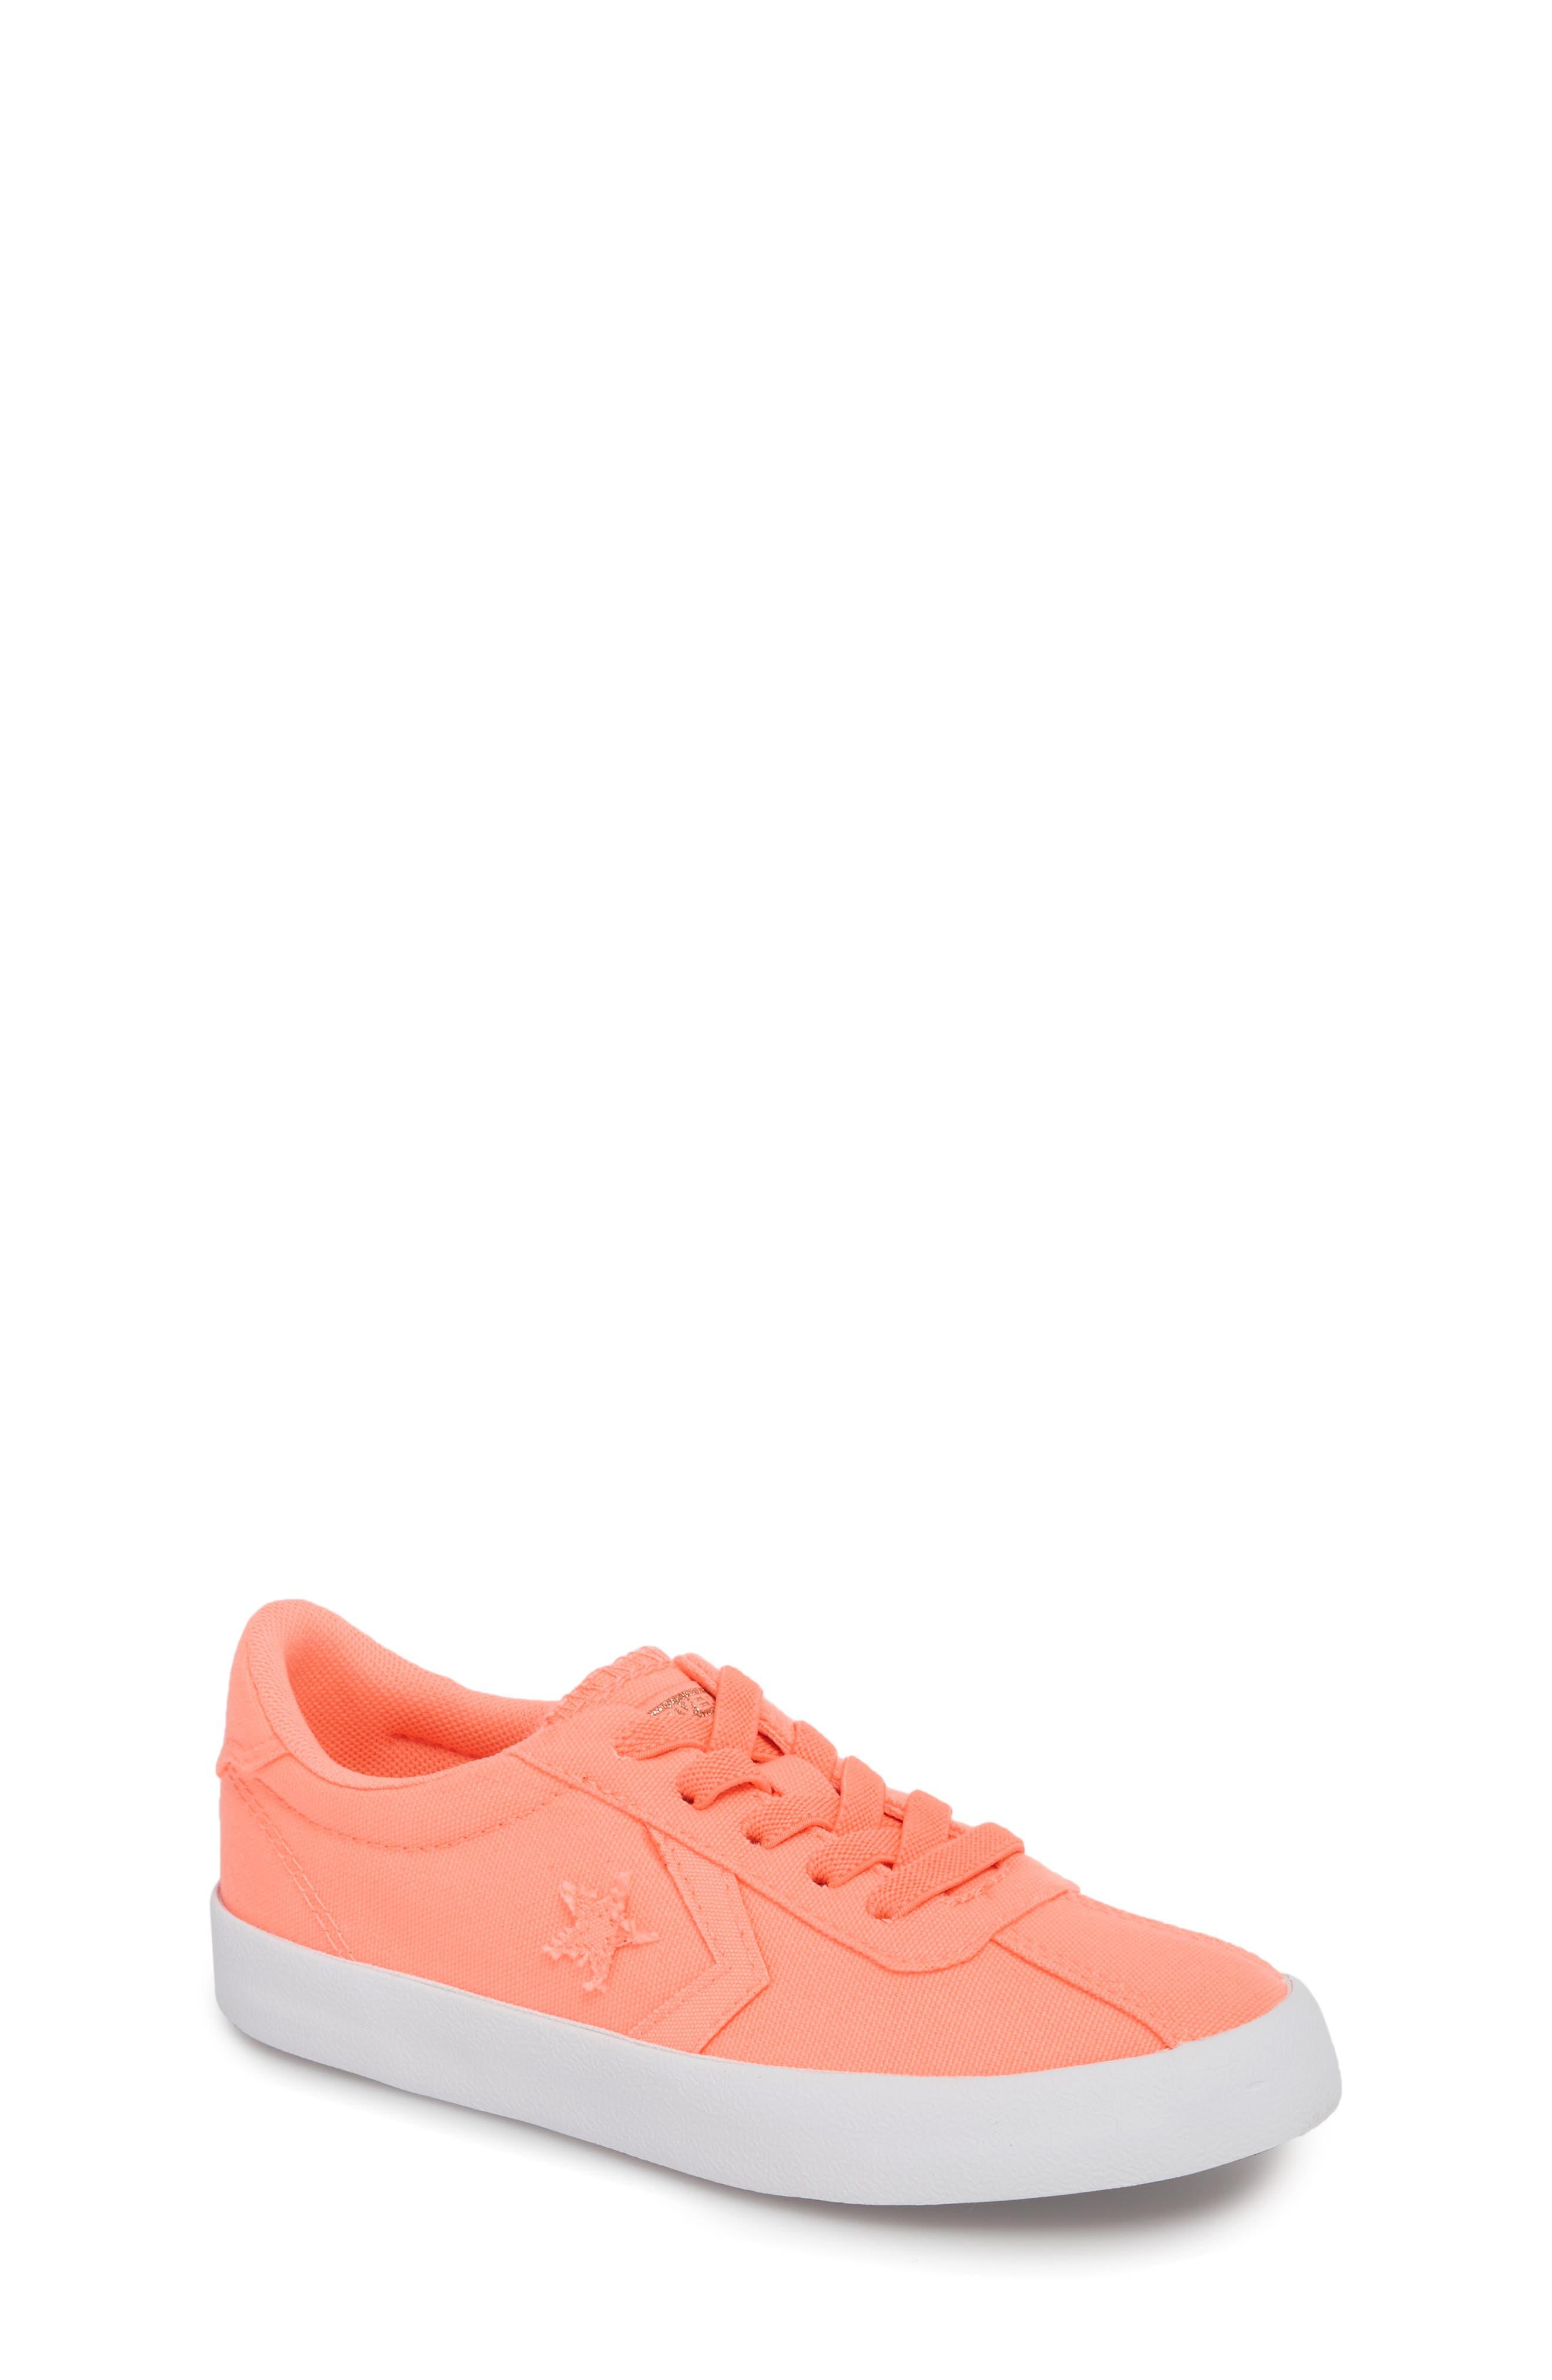 converse kids shoes velcro